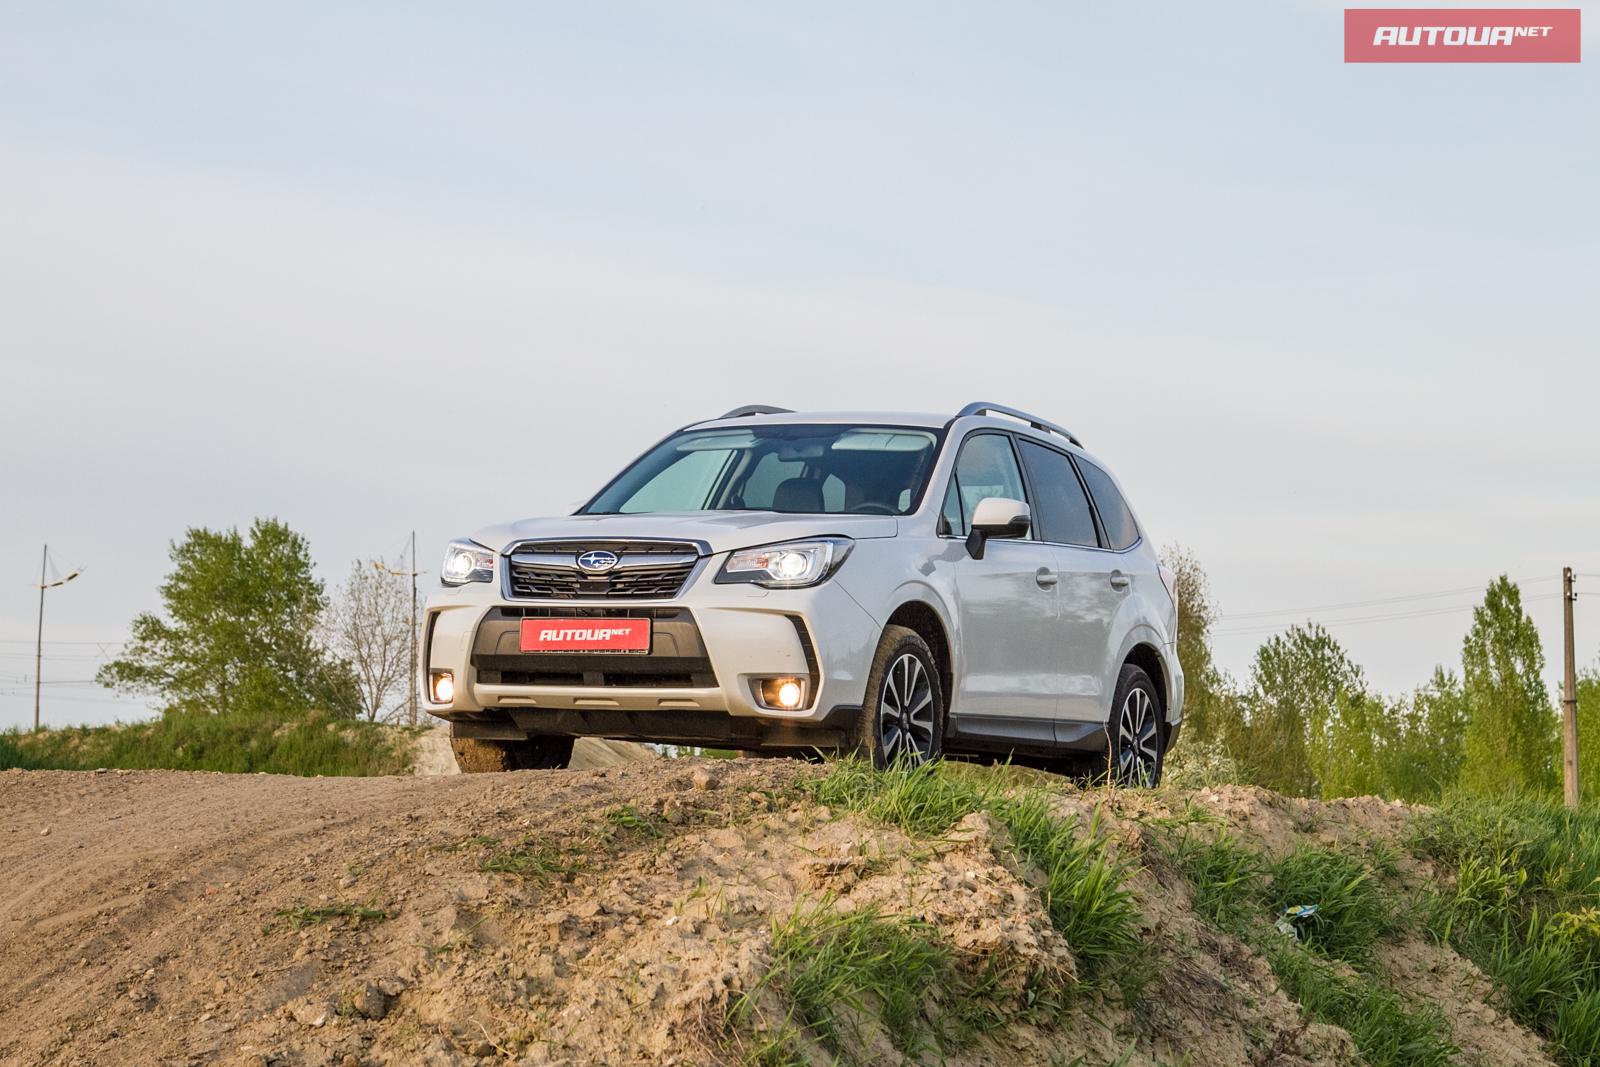 Тест-драйв обновленного Subaru Forester: Что же в нем изменилось?